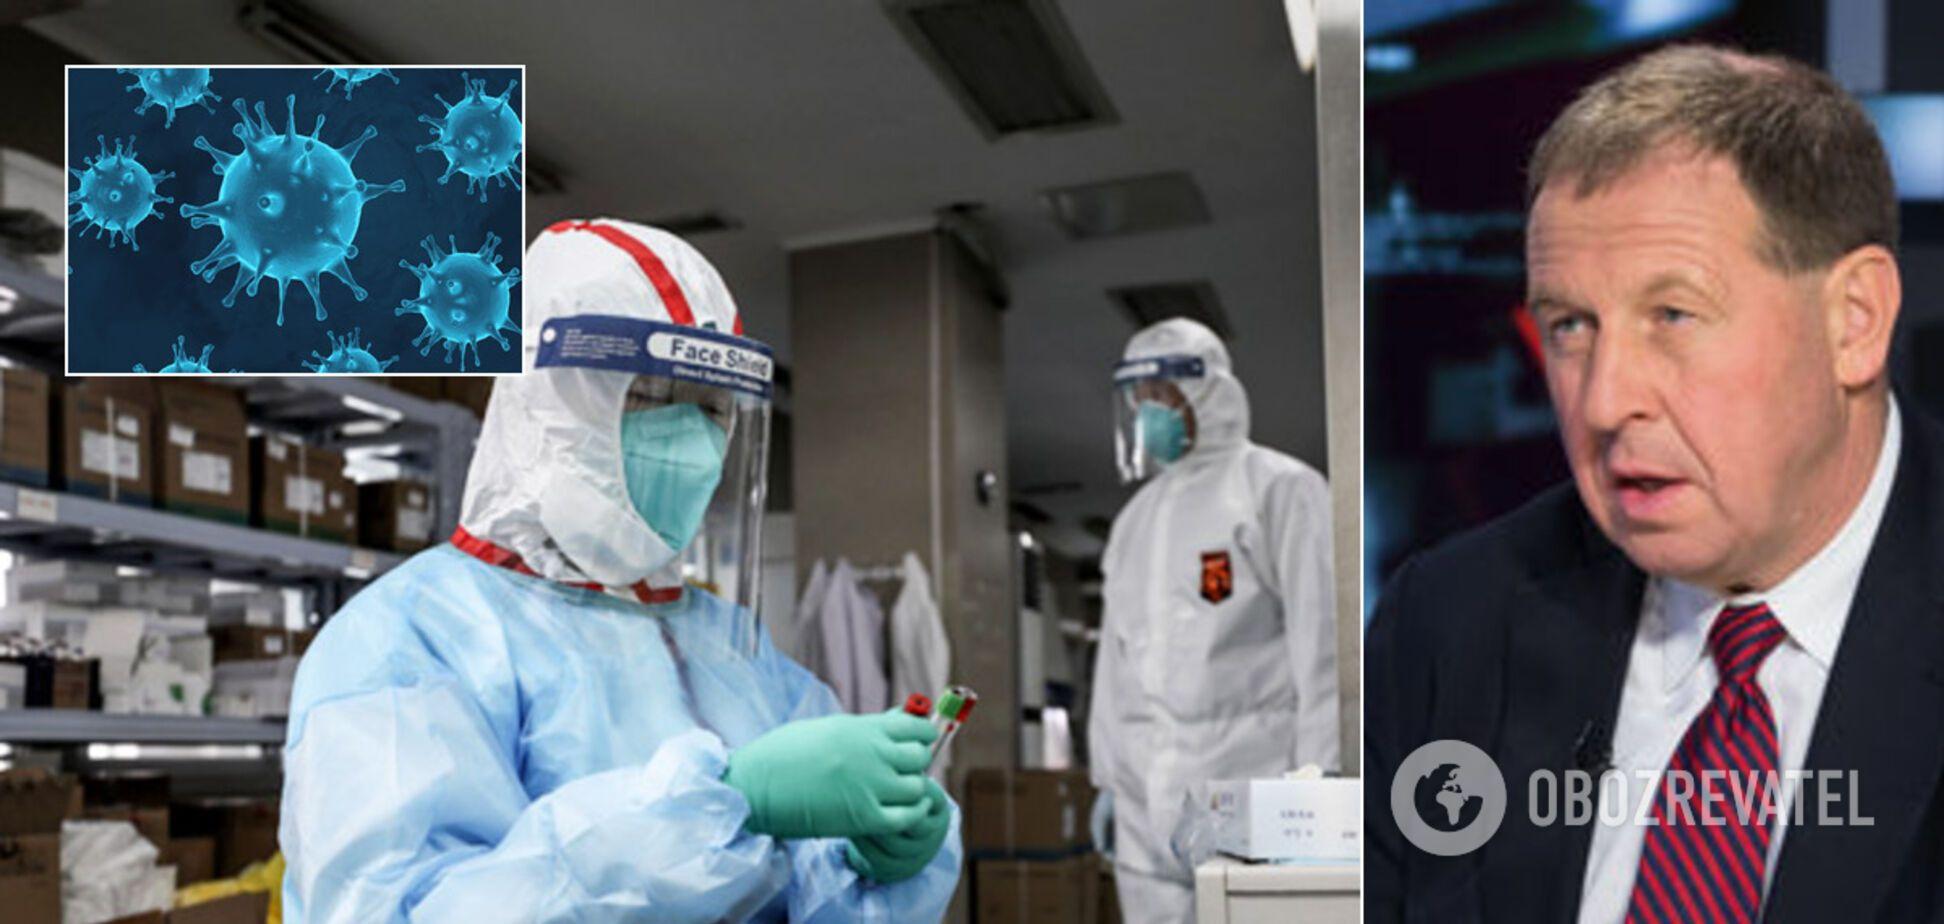 Илларионов назвал неожиданную причину 'разработки' COVID-19 в лабораториях Китая